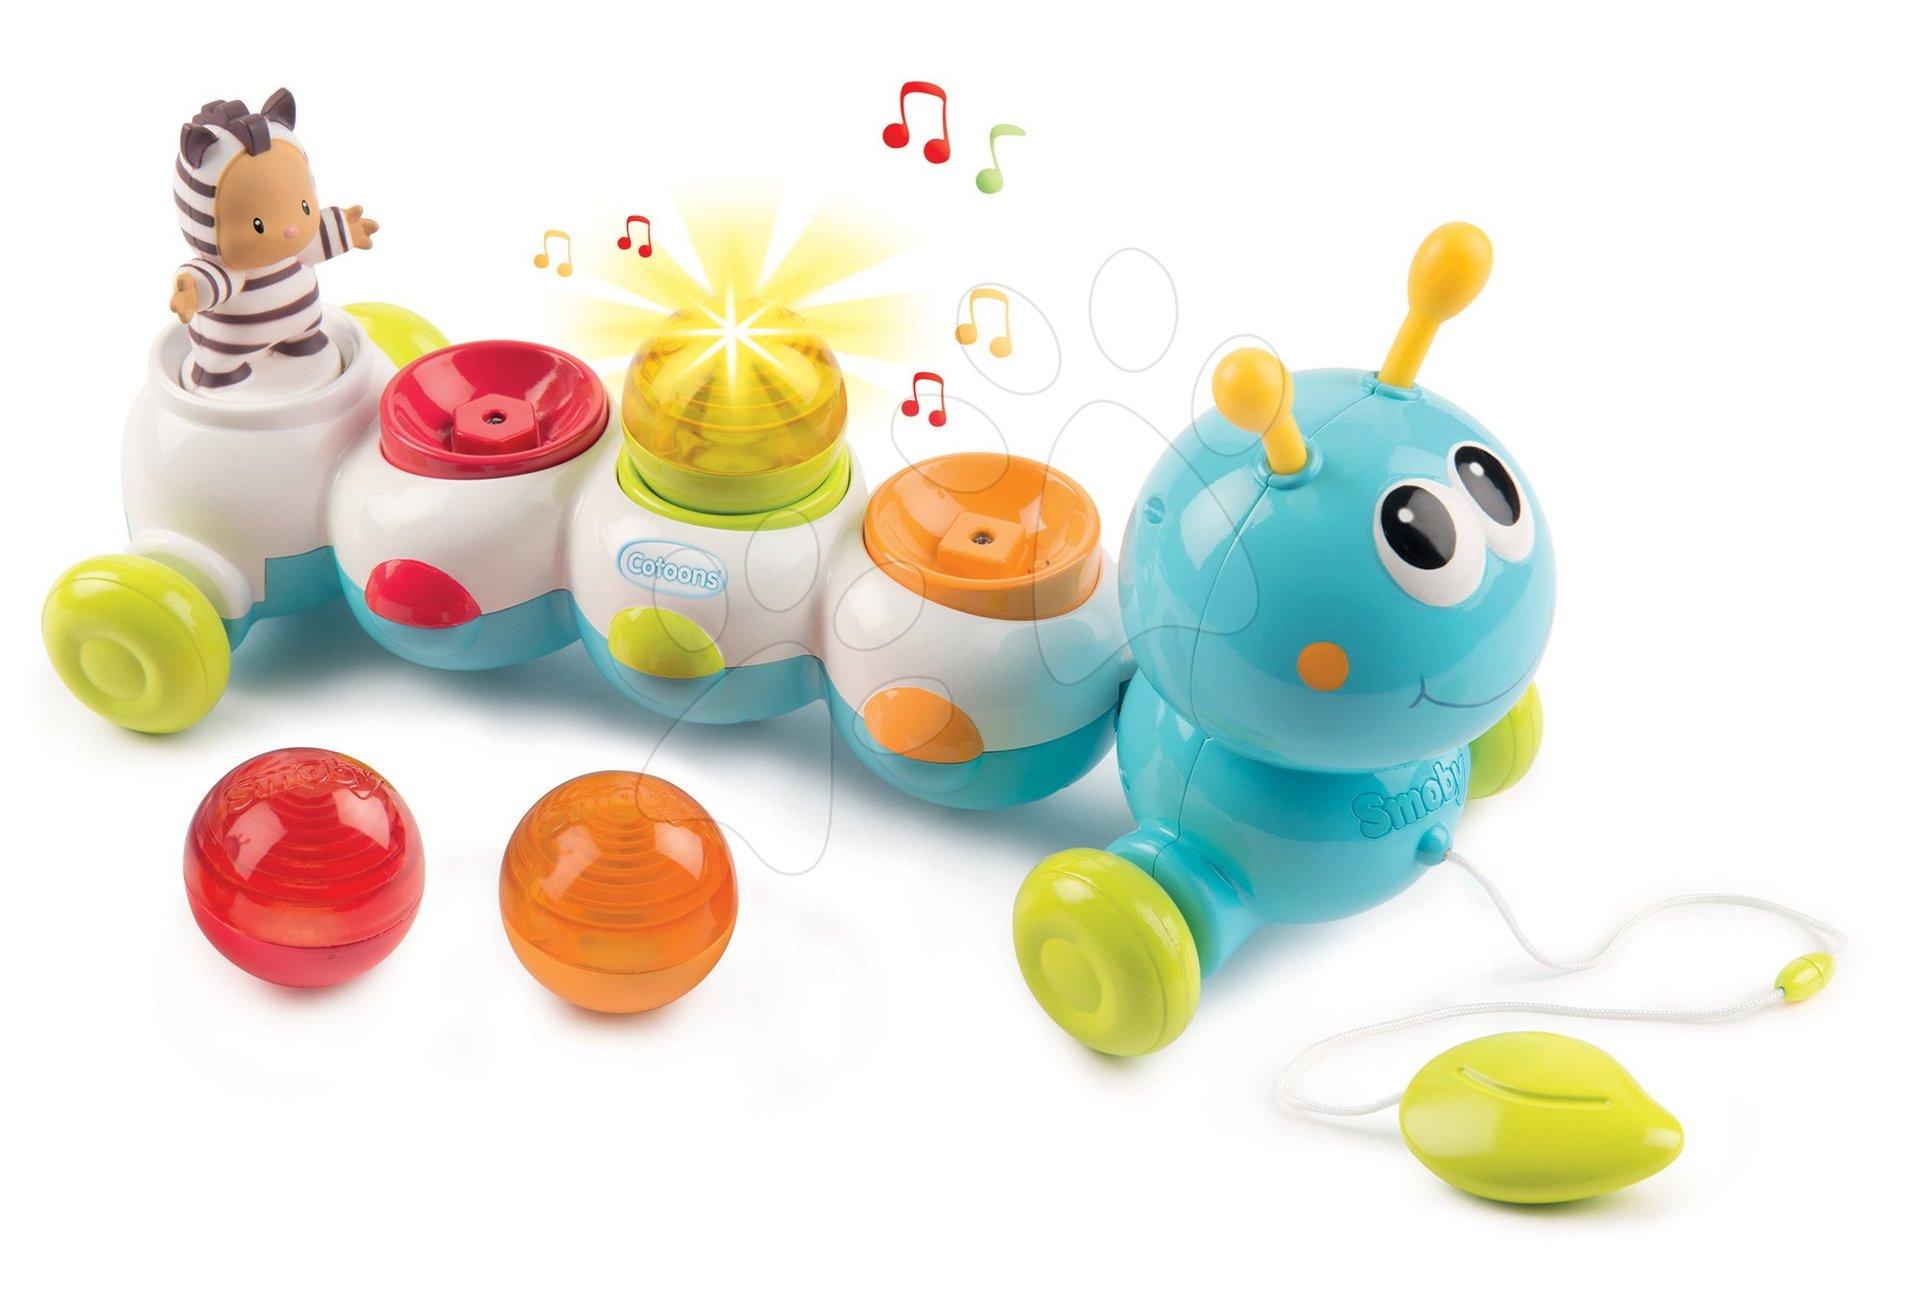 Igrače za vlečenje - Gosenica za vlečenje Caterpillar Cotoons Smoby elektronska z lučko in melodijami od 12 mes